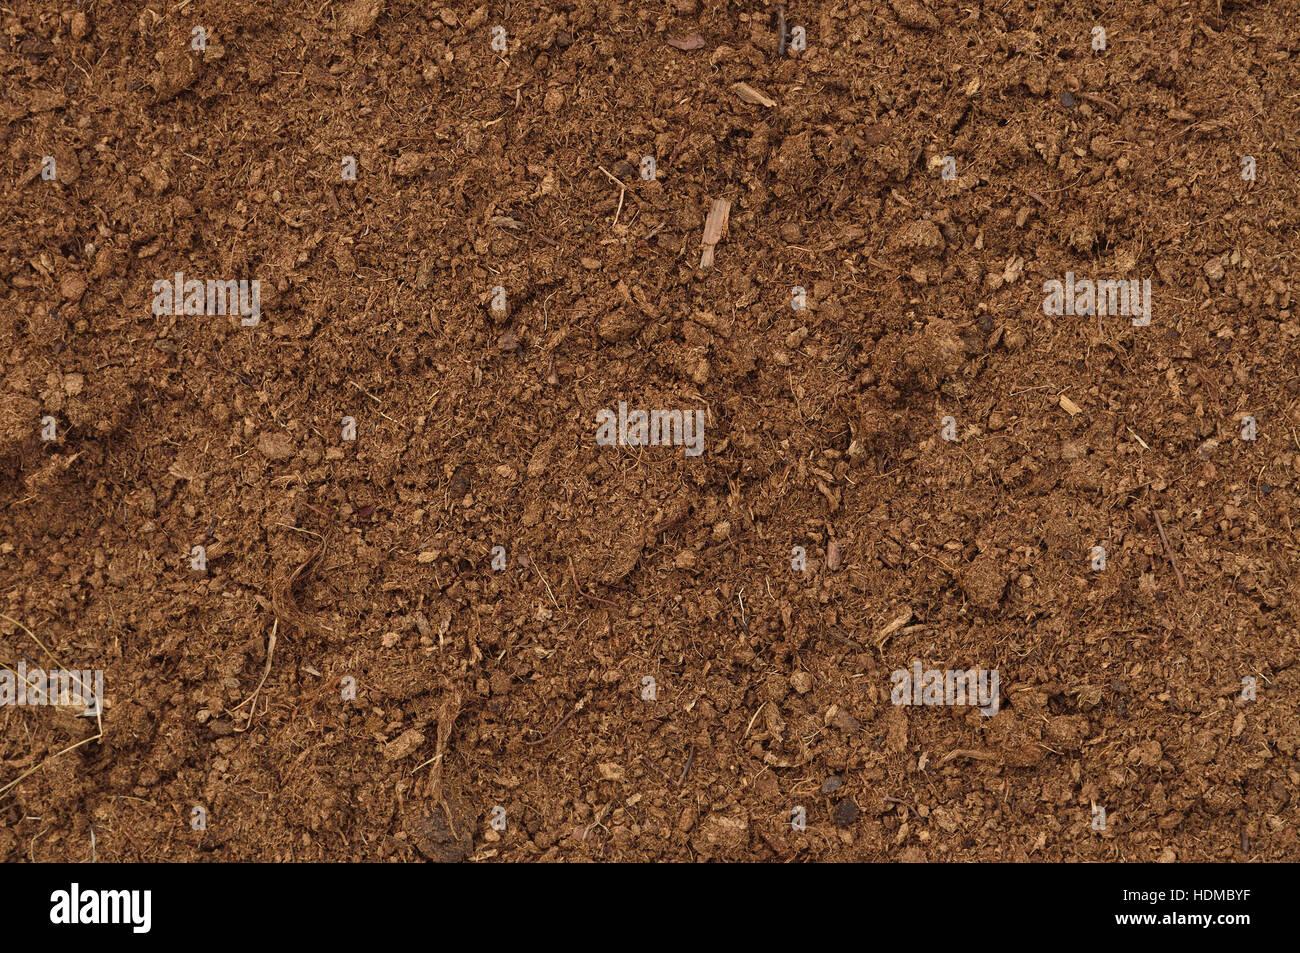 Peat Turf Macro Closeup, large detailed brown organic humus soil background pattern, horizontal - Stock Image